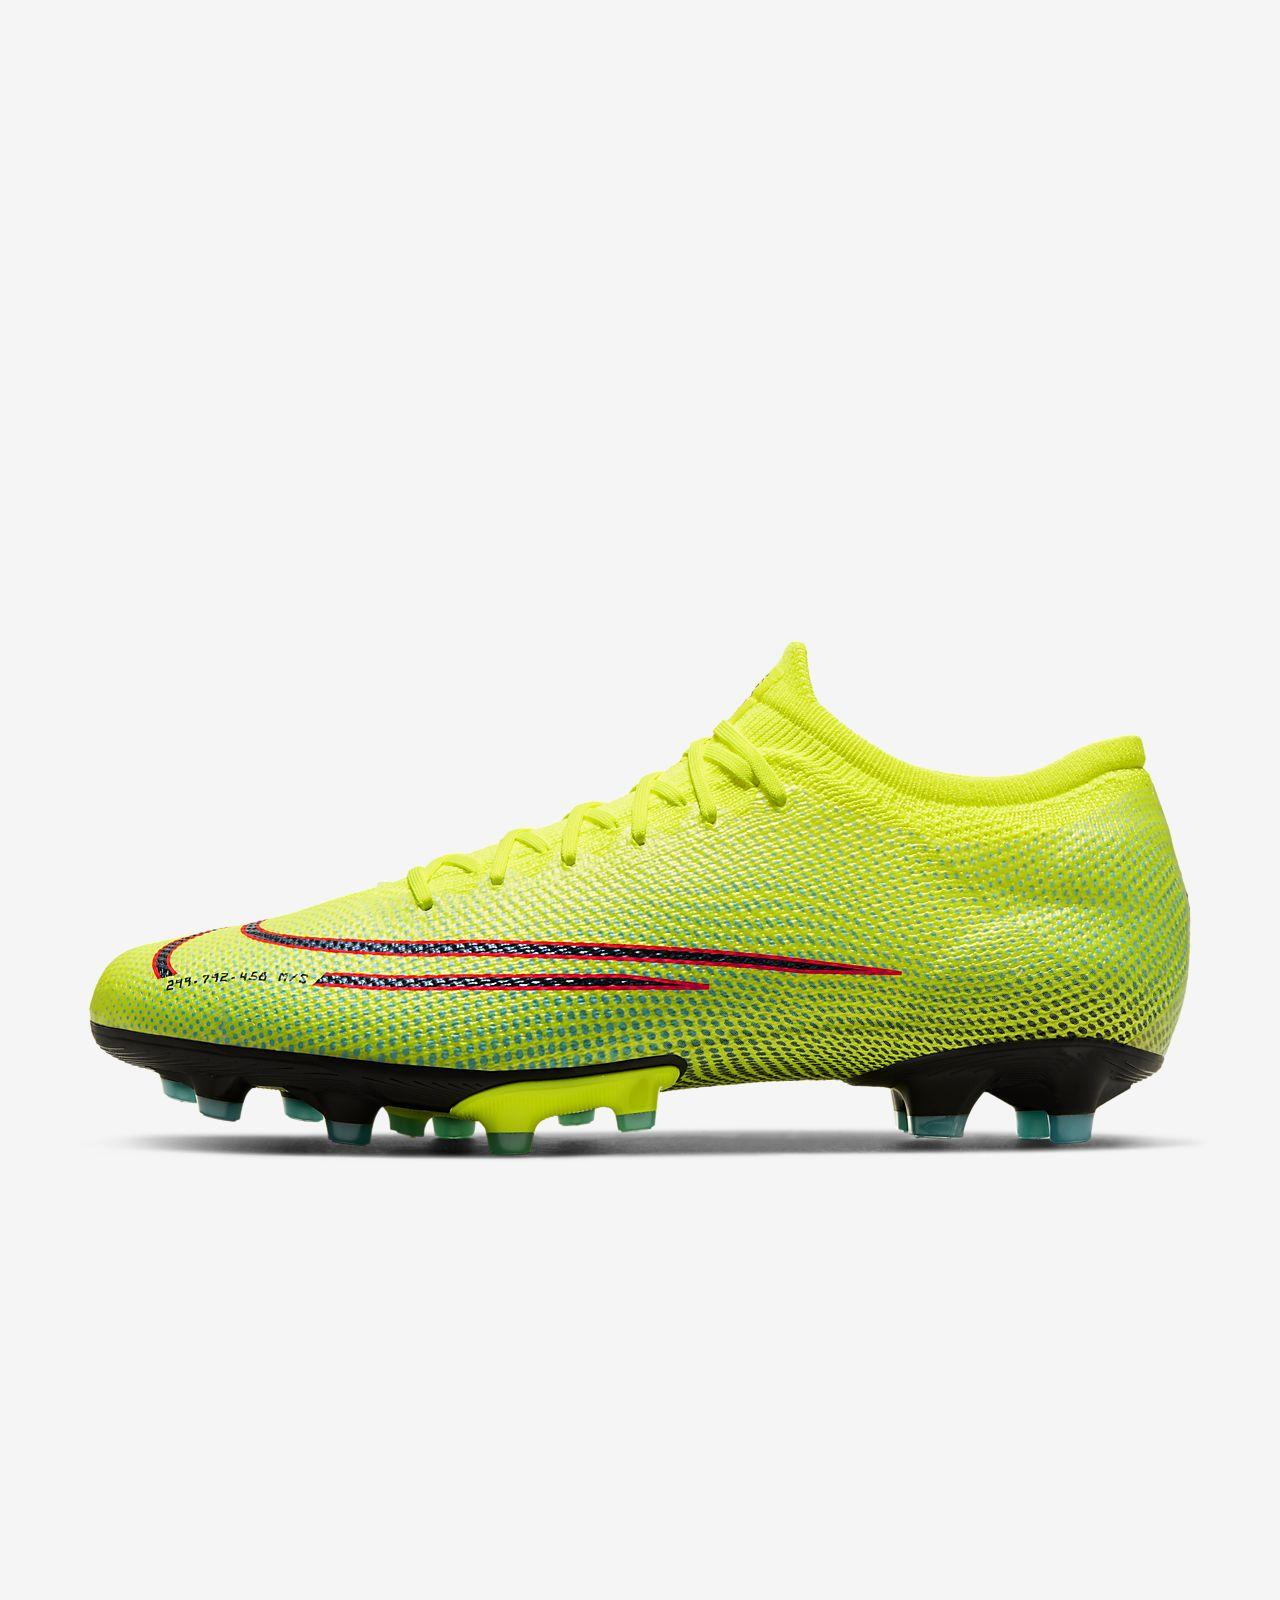 Футбольные бутсы для игры на искусственном газоне Nike Mercurial Vapor 13 Pro MDS AG-PRO